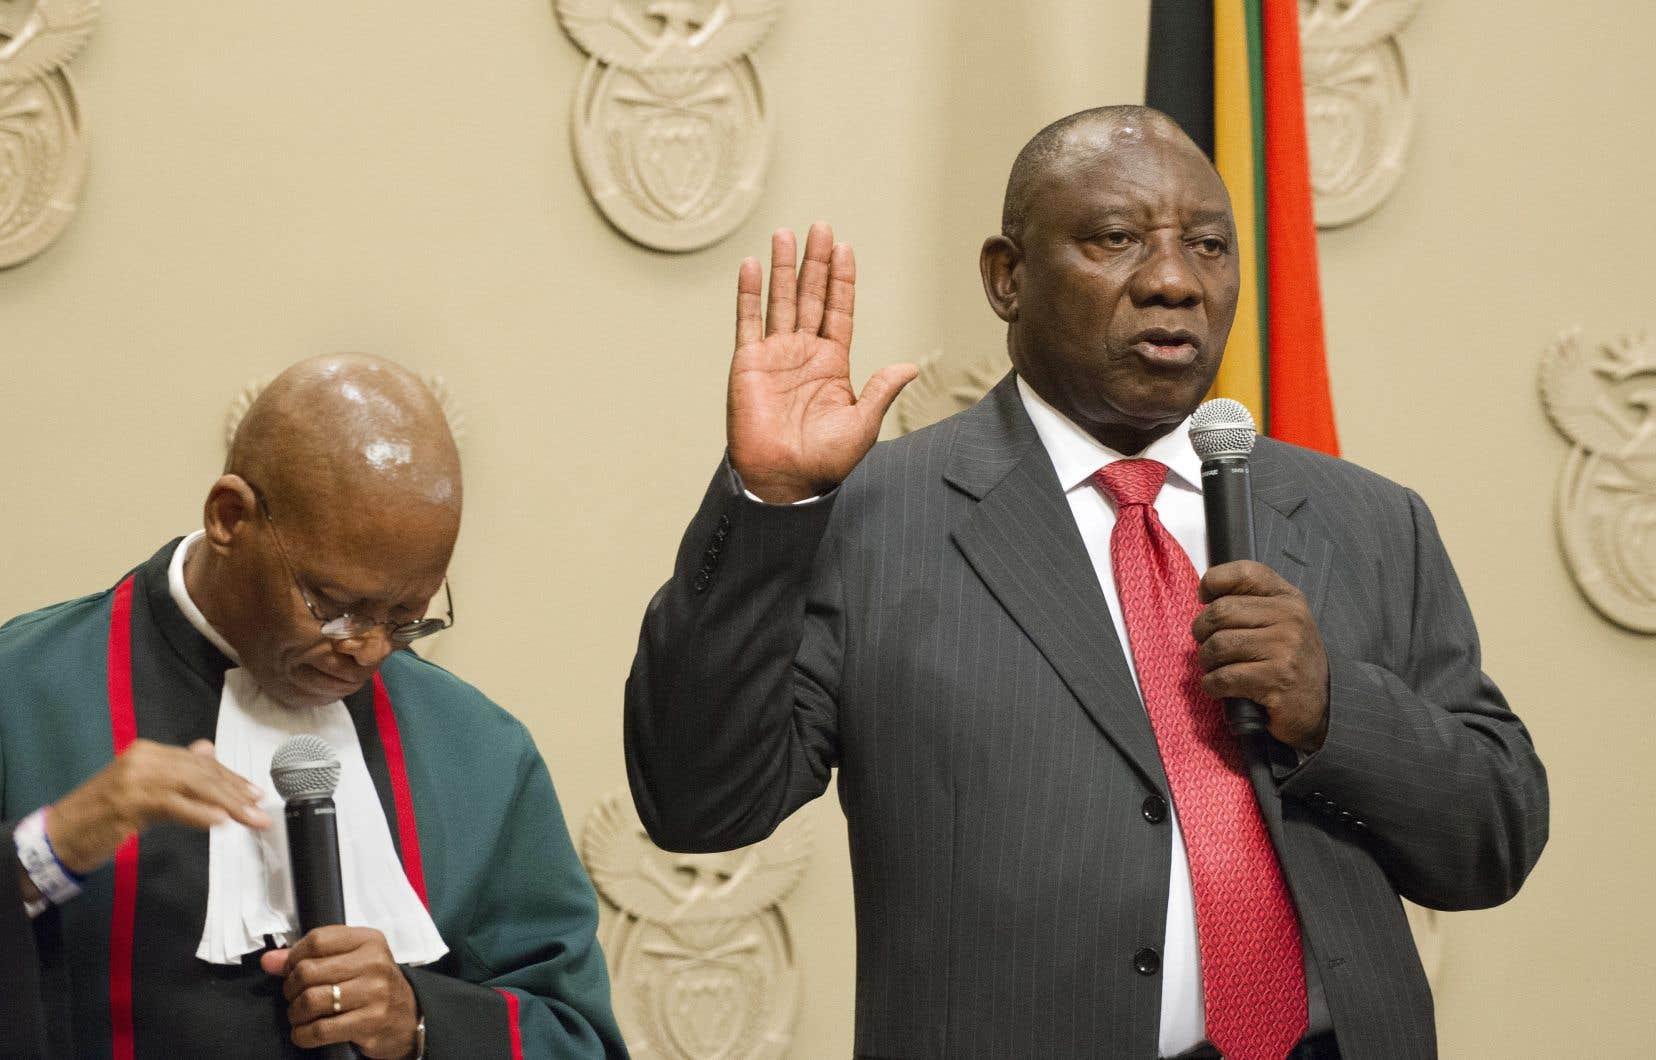 Sitôt élu, le nouveau président d'Afrique du Sud, Cyril Ramaphosa, s'est engagé devant les députés à éradiquer la corruption.